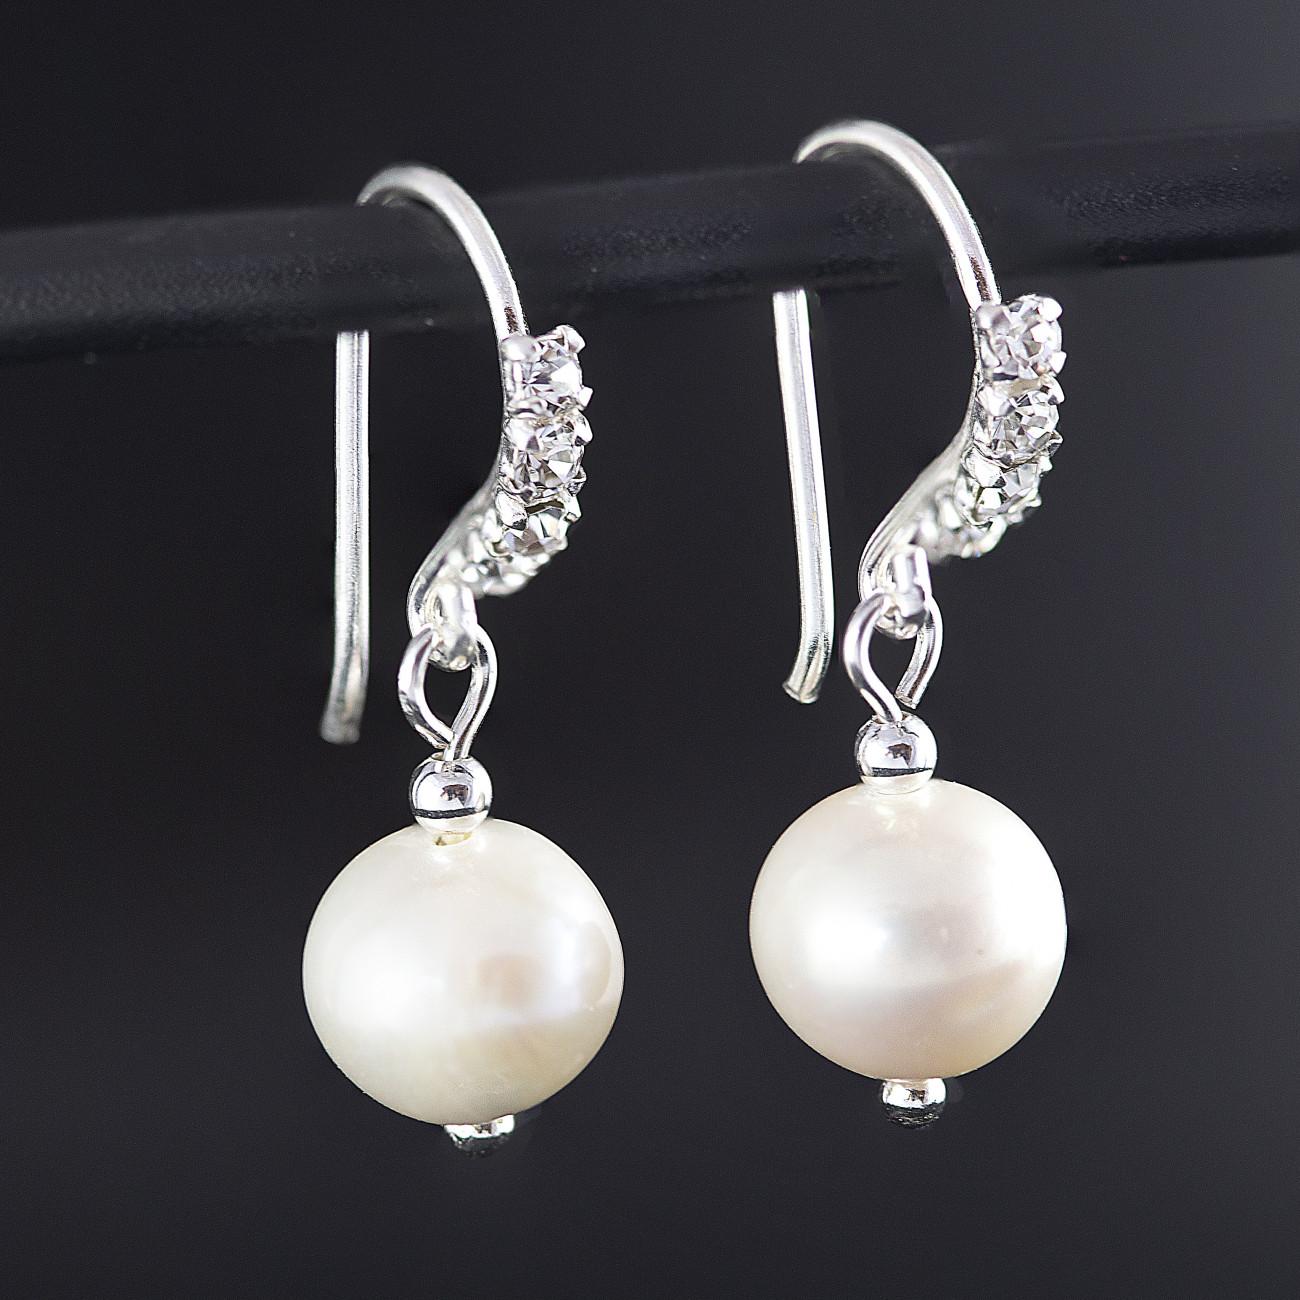 Stříbrné náušnice visací s perlou Savour a krystaly